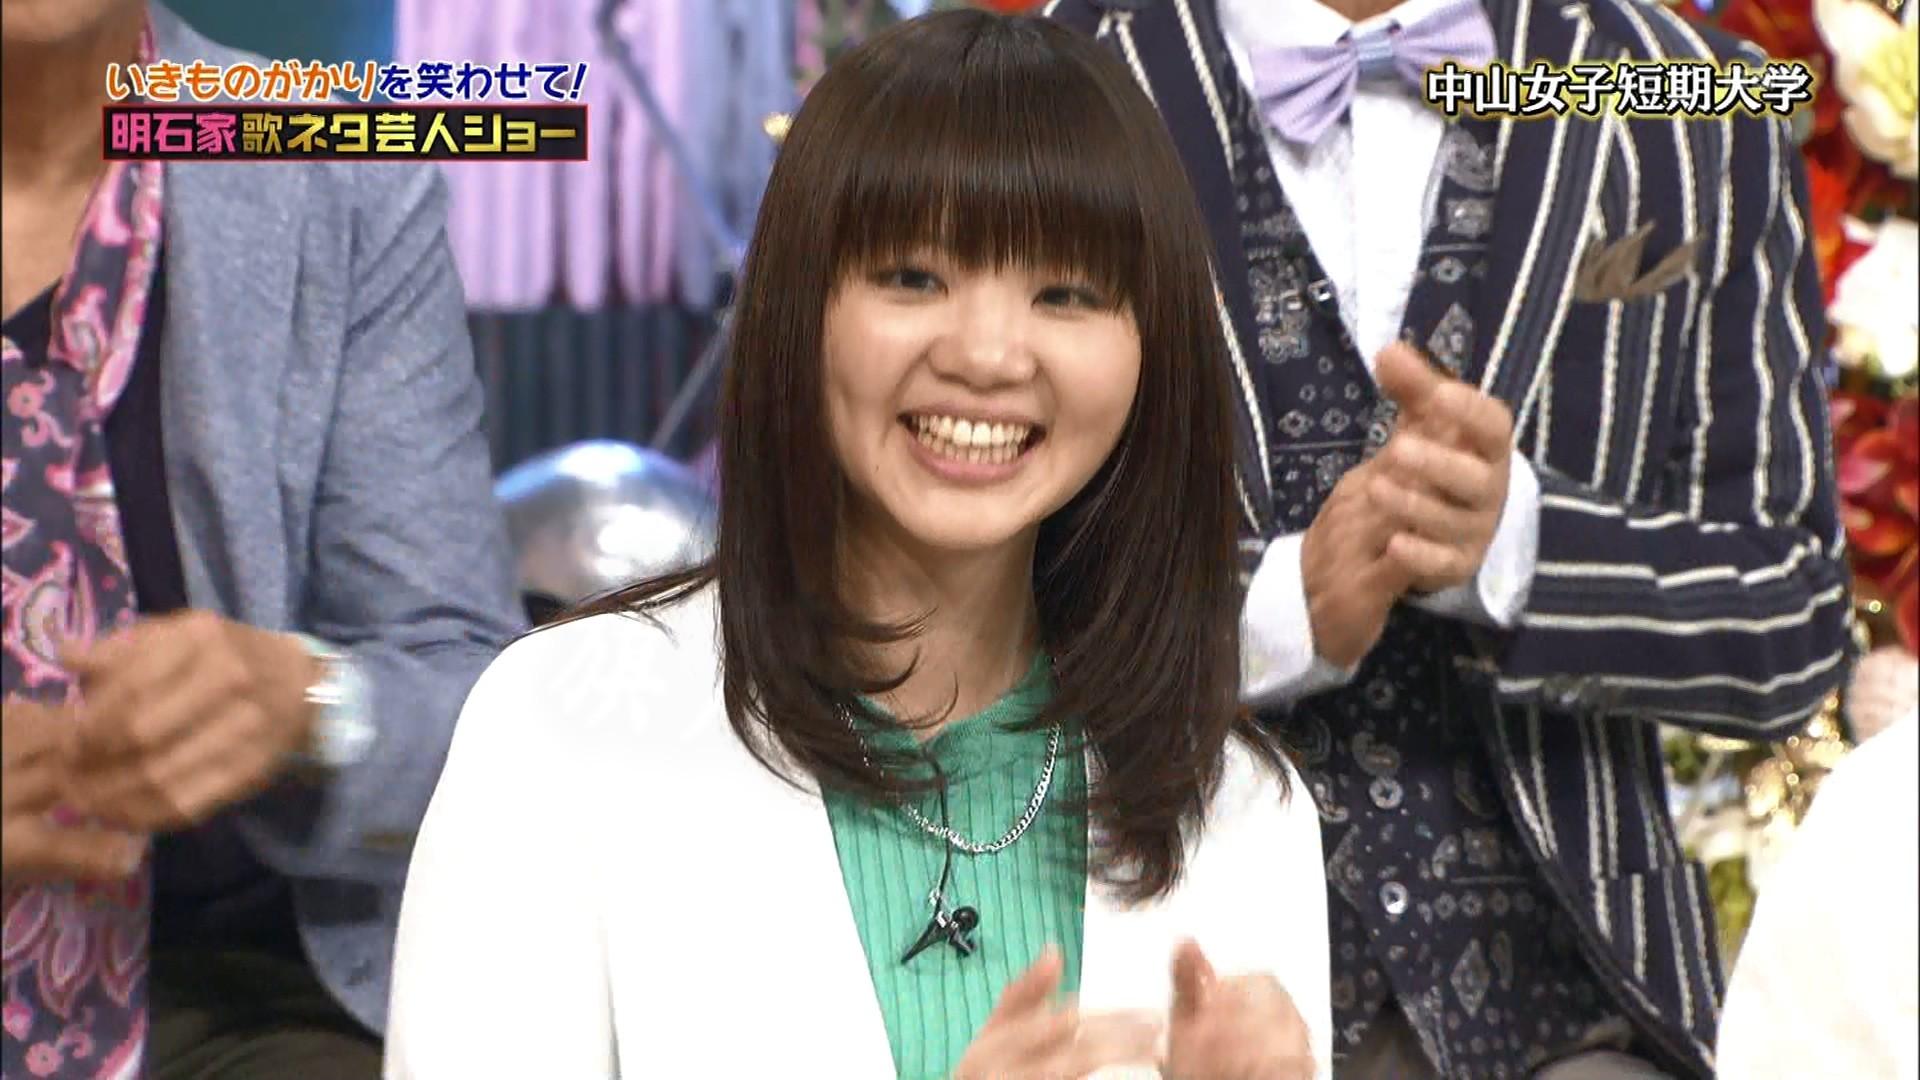 2016.05.15 全場(痛快!明石家電視台).ts_20160517_102844.829